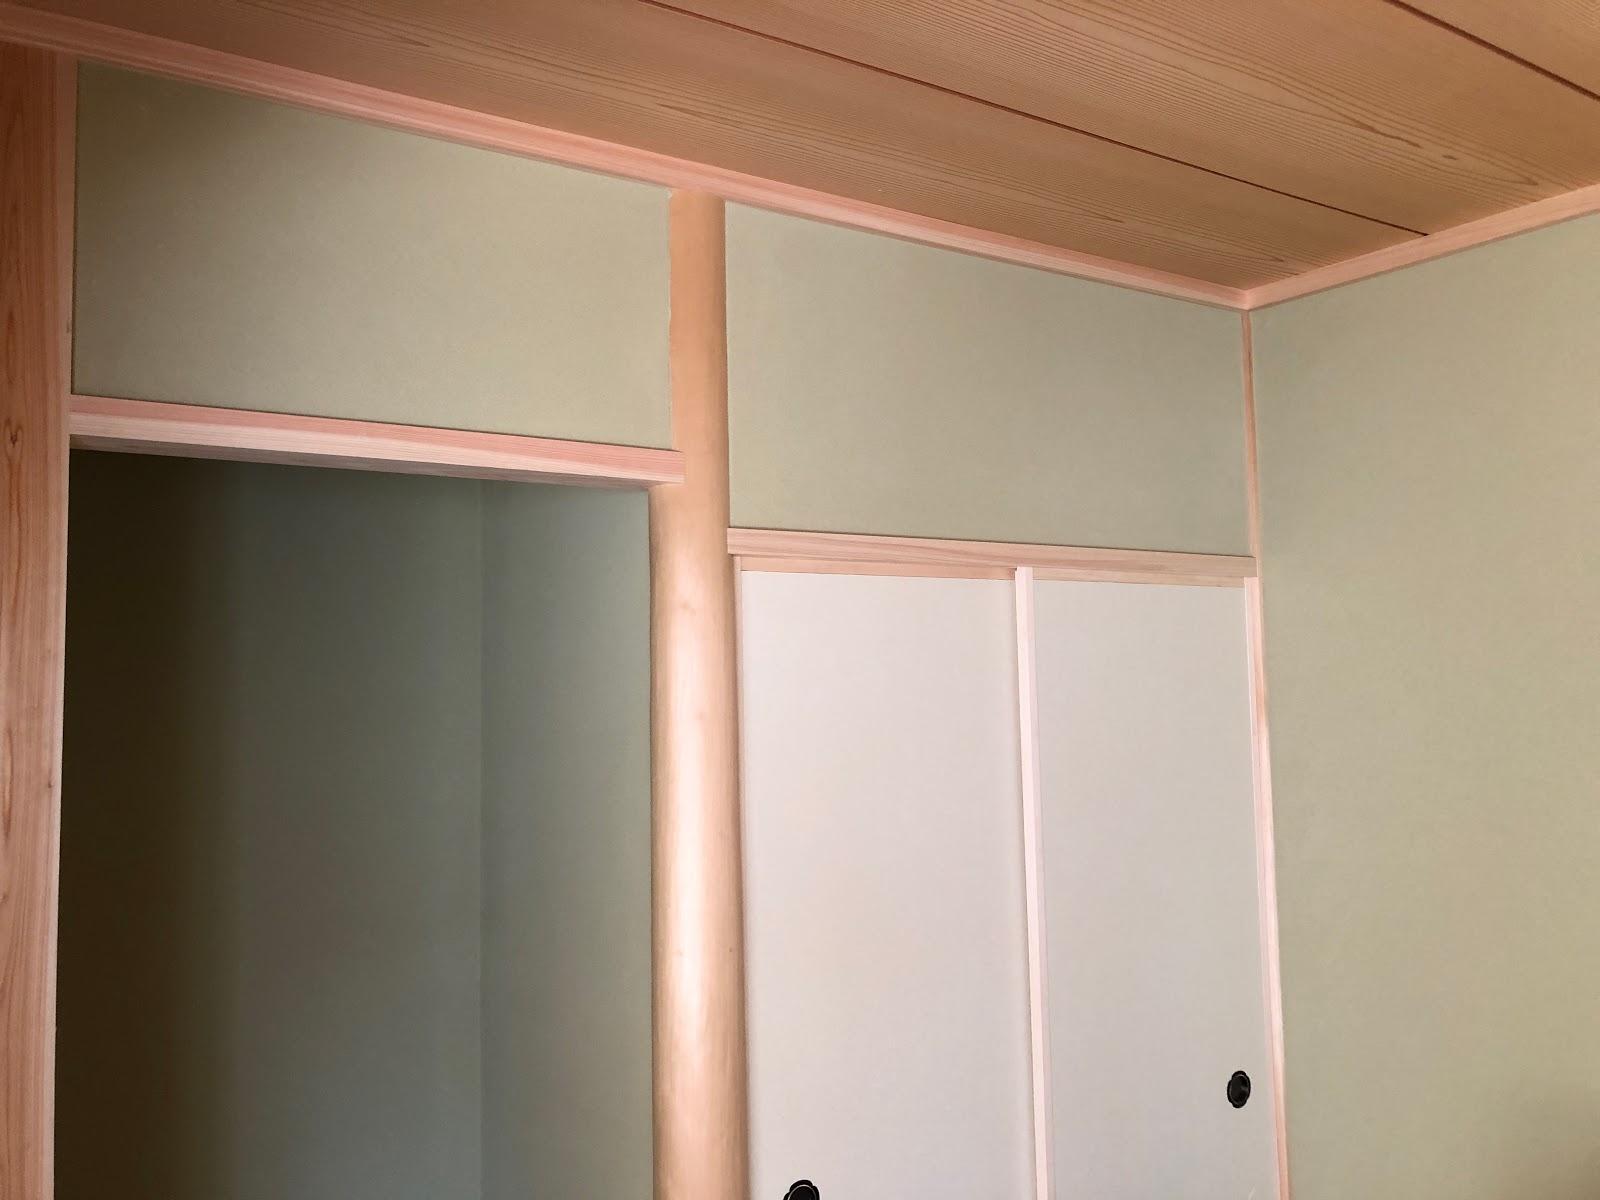 和風スタイル 家庭用エアコン1台で快適に暮らせる自然派住宅 三重県鈴鹿市みのやの家